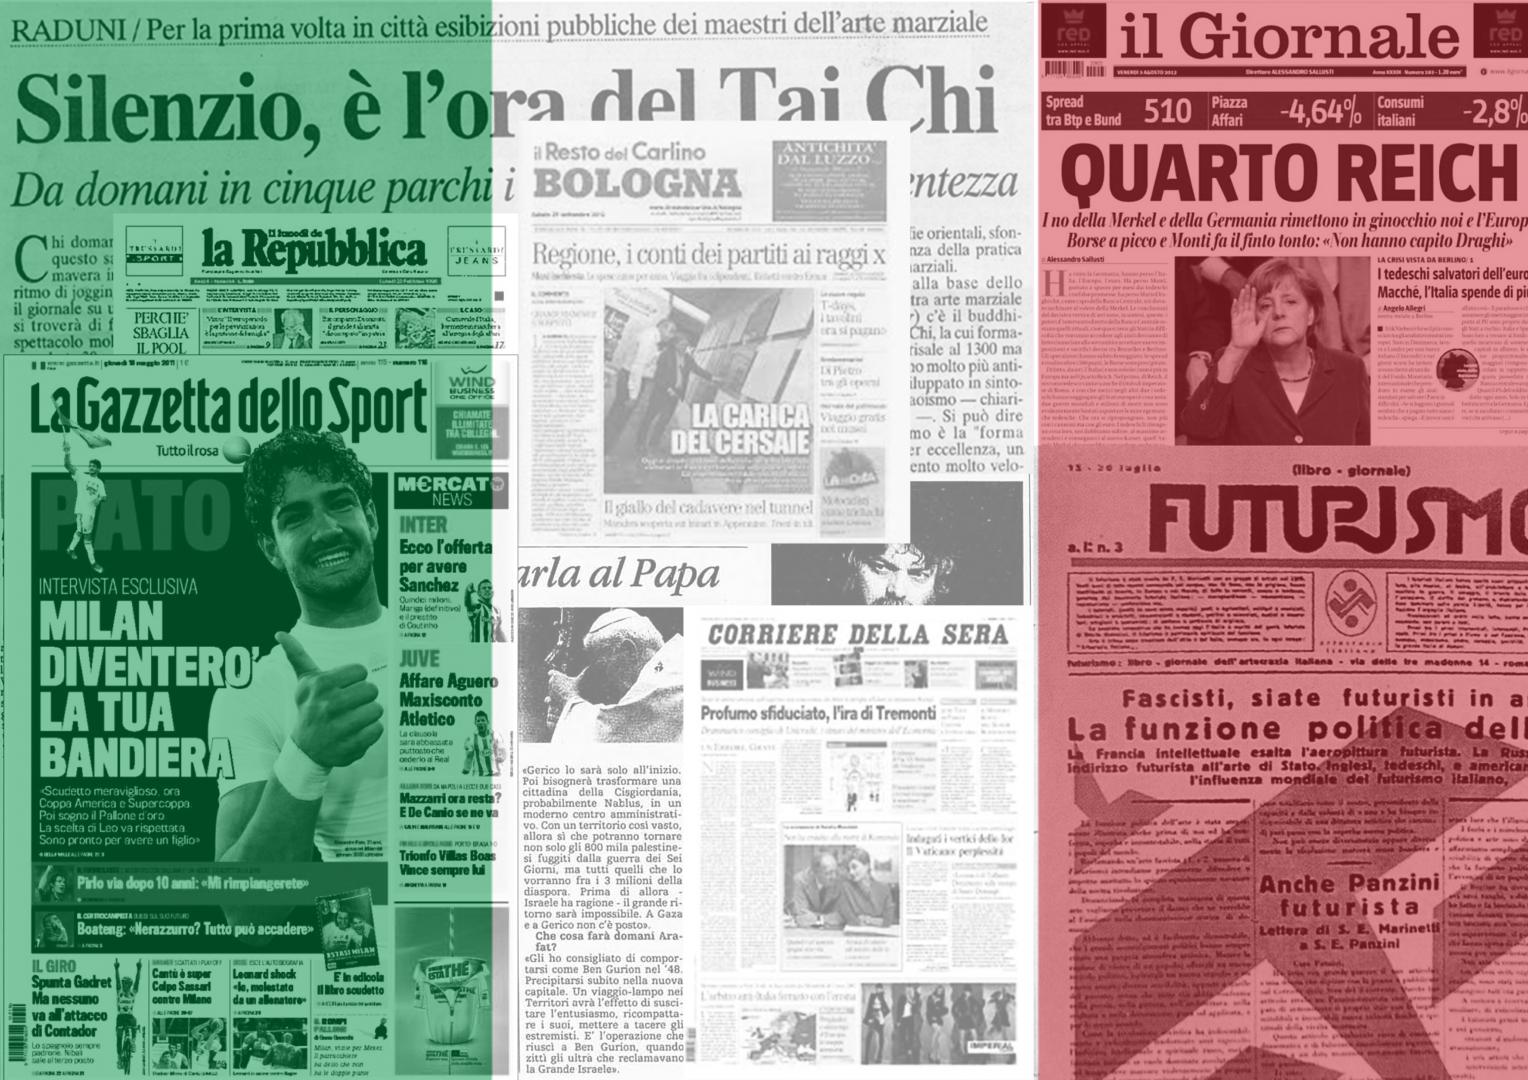 Итальянские СМИ